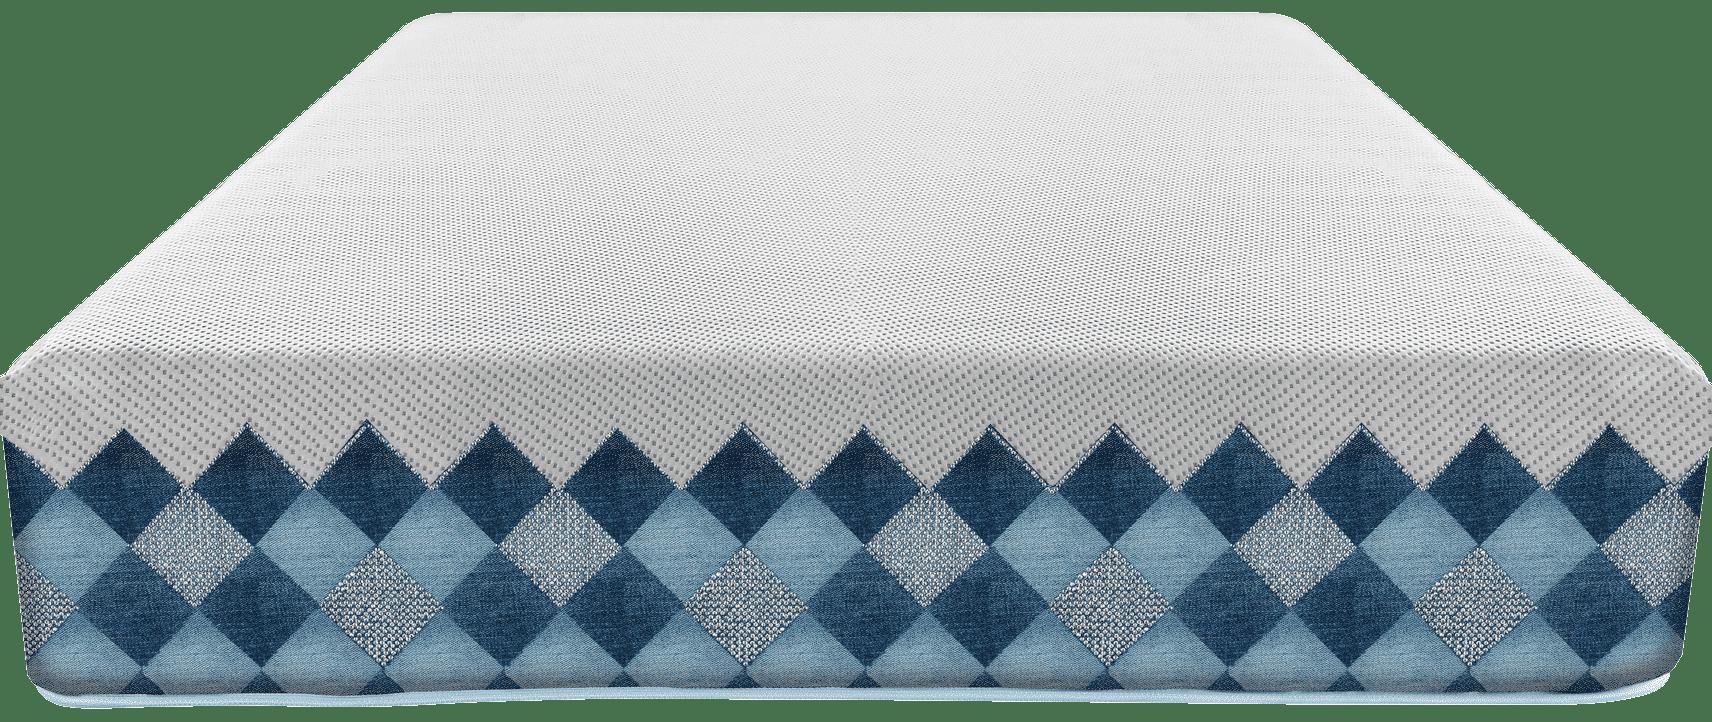 mattress-design-squares